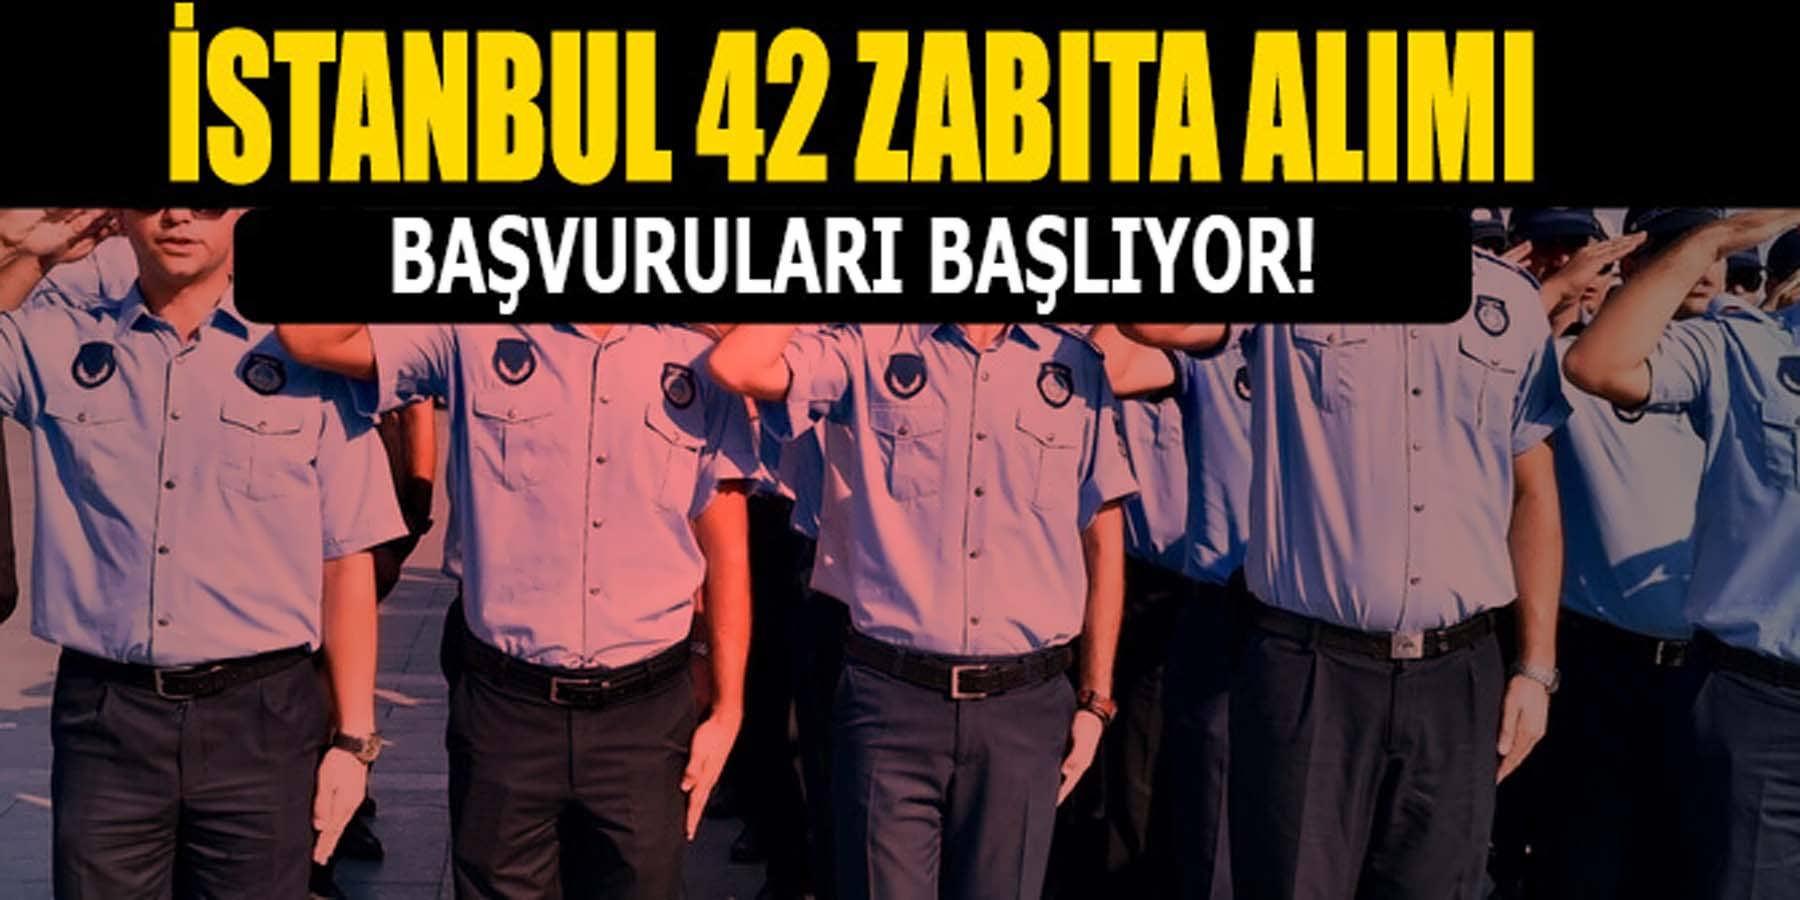 İstanbul Bay Bayan 42 Zabıta Alımı Başvuruları Başlıyor